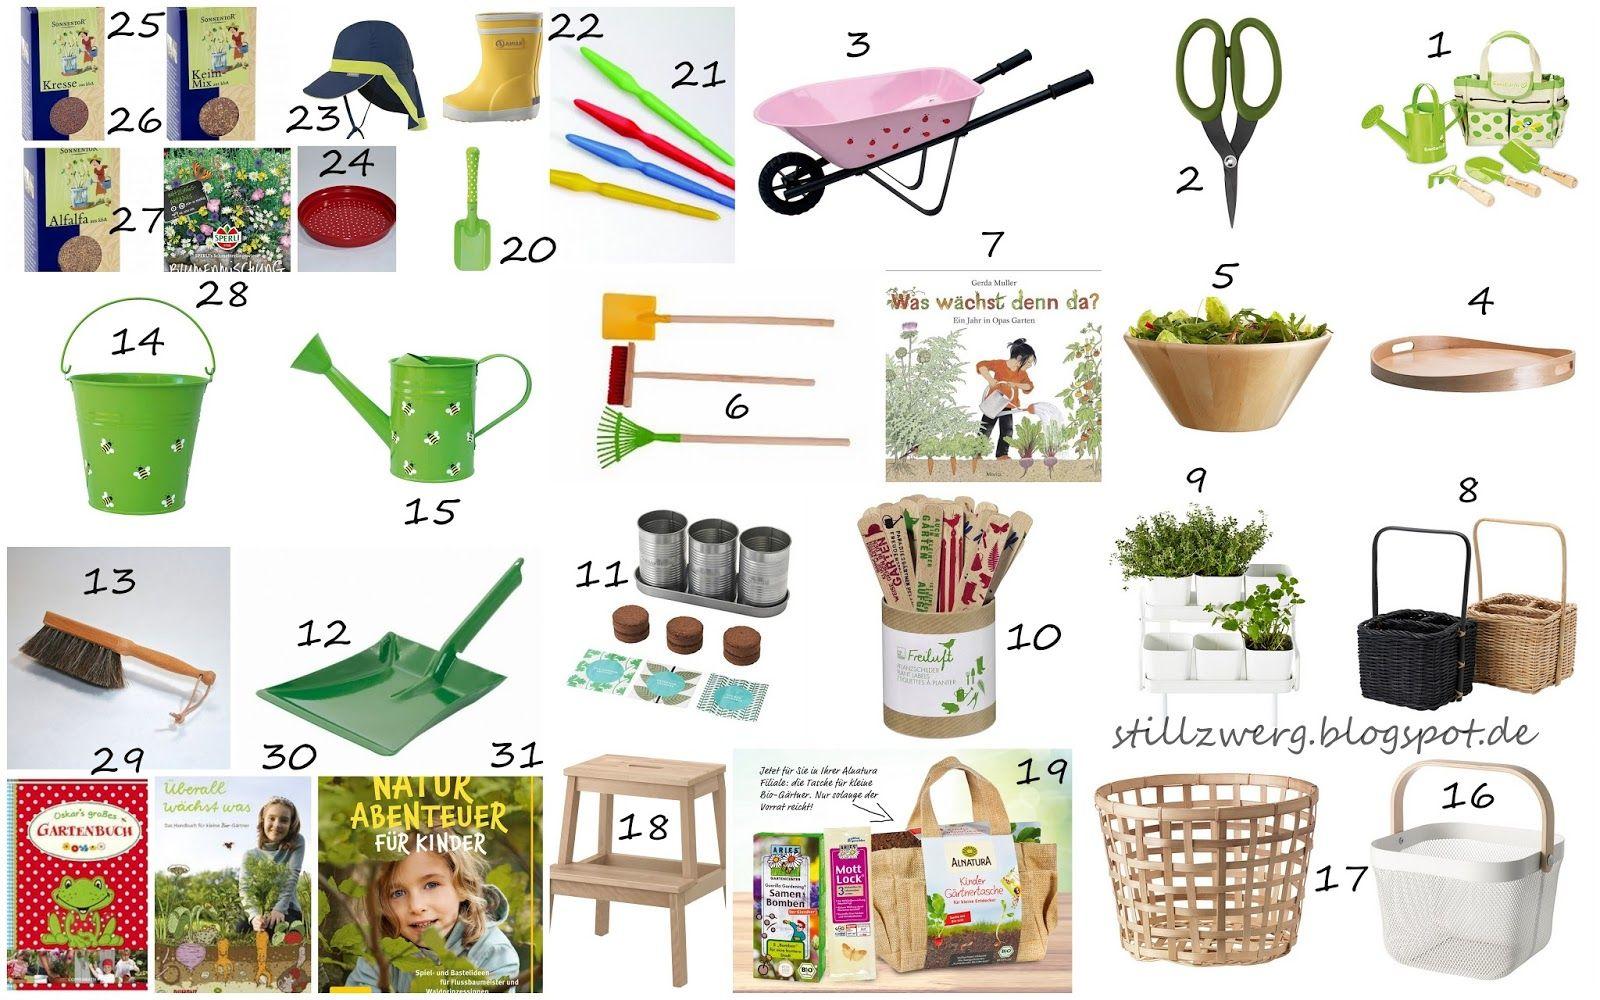 Der Stillzwerg : Praktische Gartenhelfer für Kinder Eine tolle Auswahl für die kleinen Helferlein, finde ich!